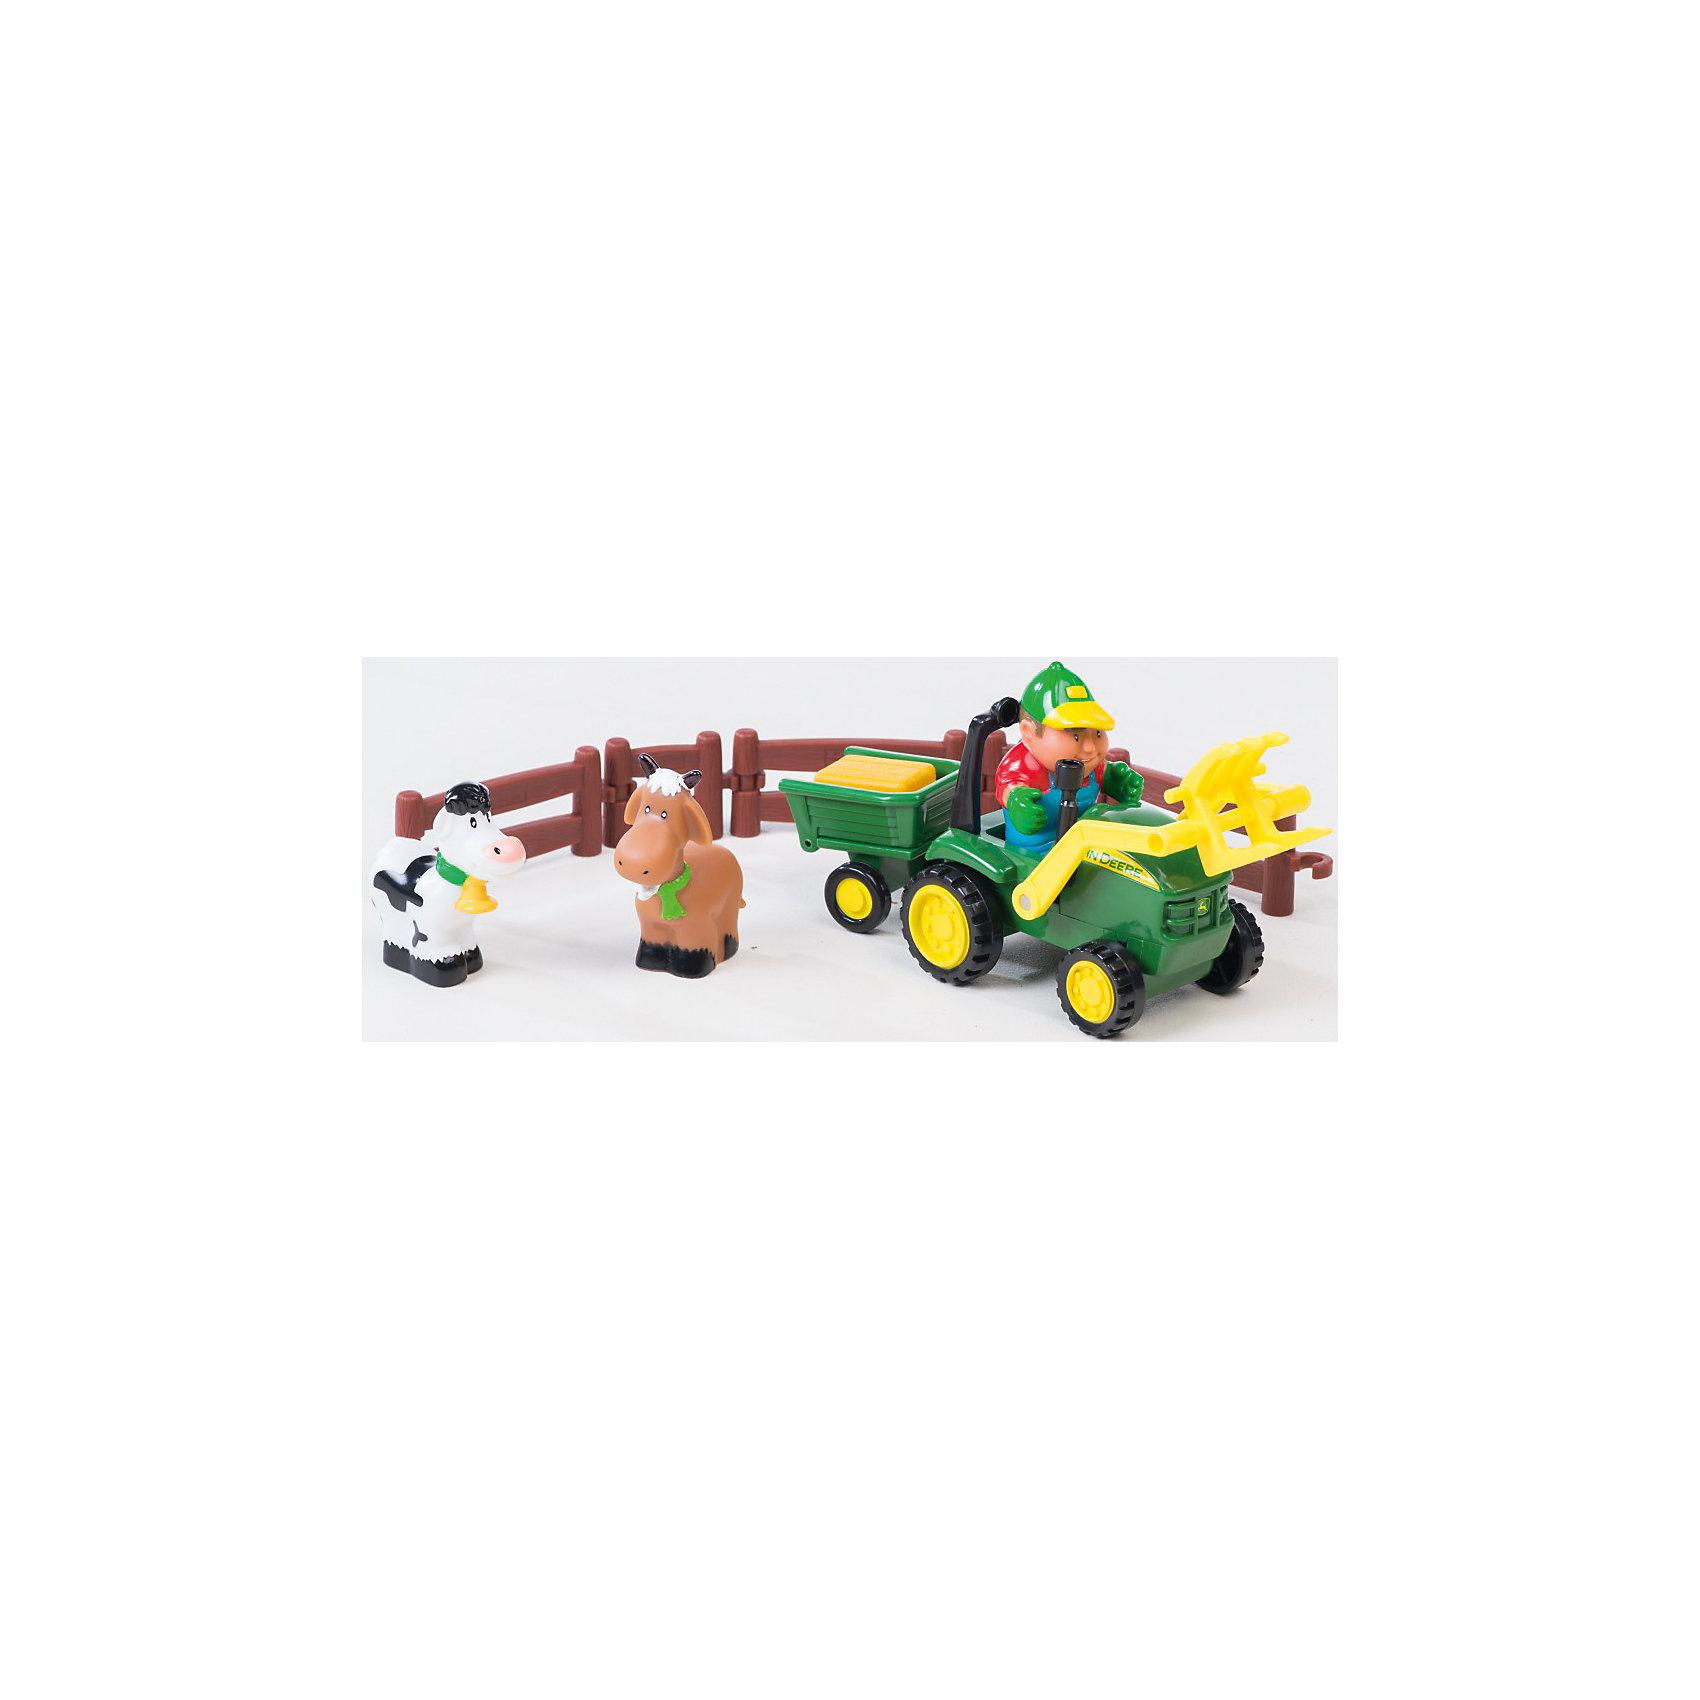 TOMY Игровой набор Погрузка урожая, Tomy, John Deere машинки tomy трактор john deere 6830 с двойными колесами и фронтальным погрузчиком